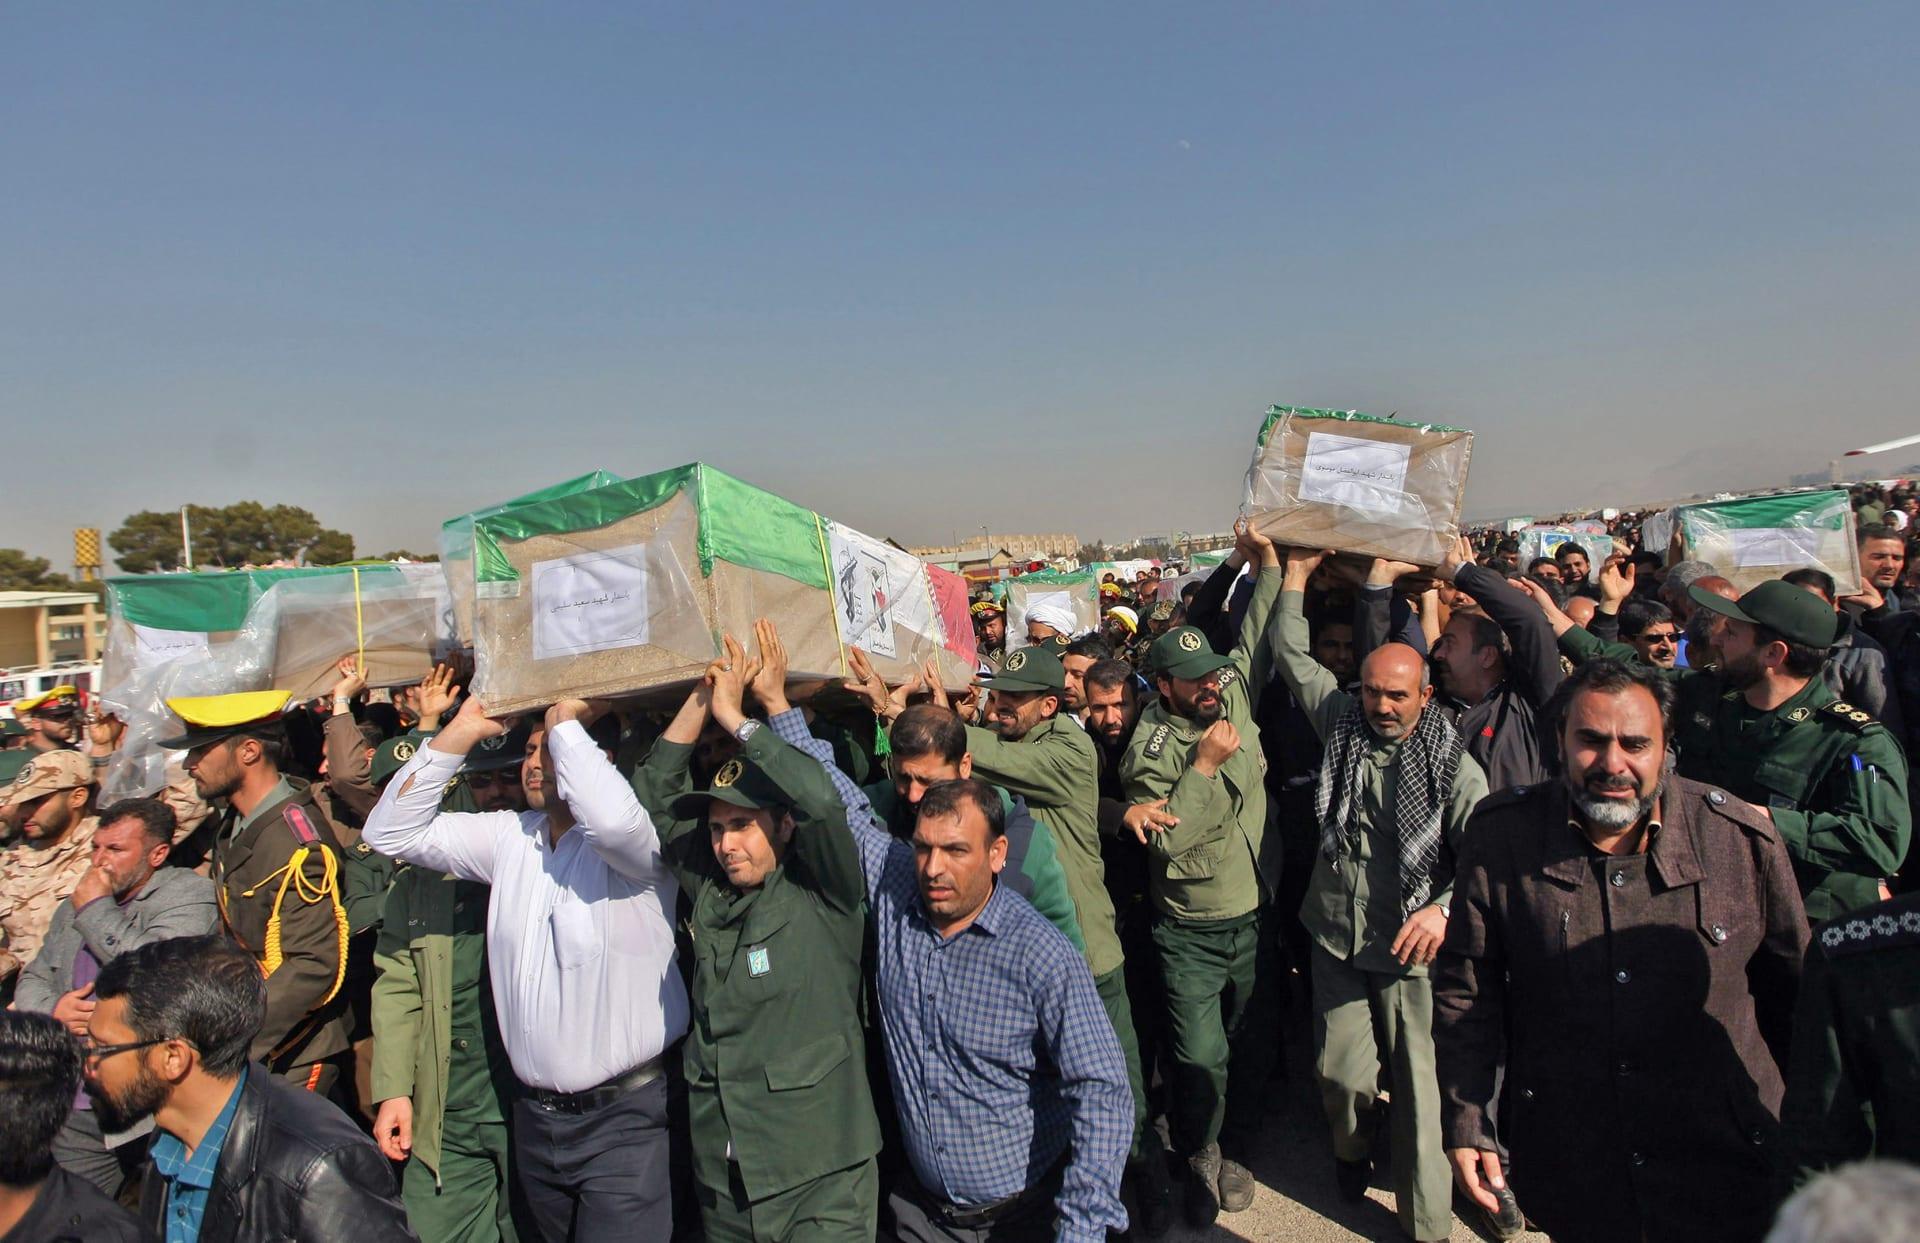 إيران تتهم بعض دول المنطقة الغنية بالنفط بالوقوف وراء تفجير الحرس الثوري